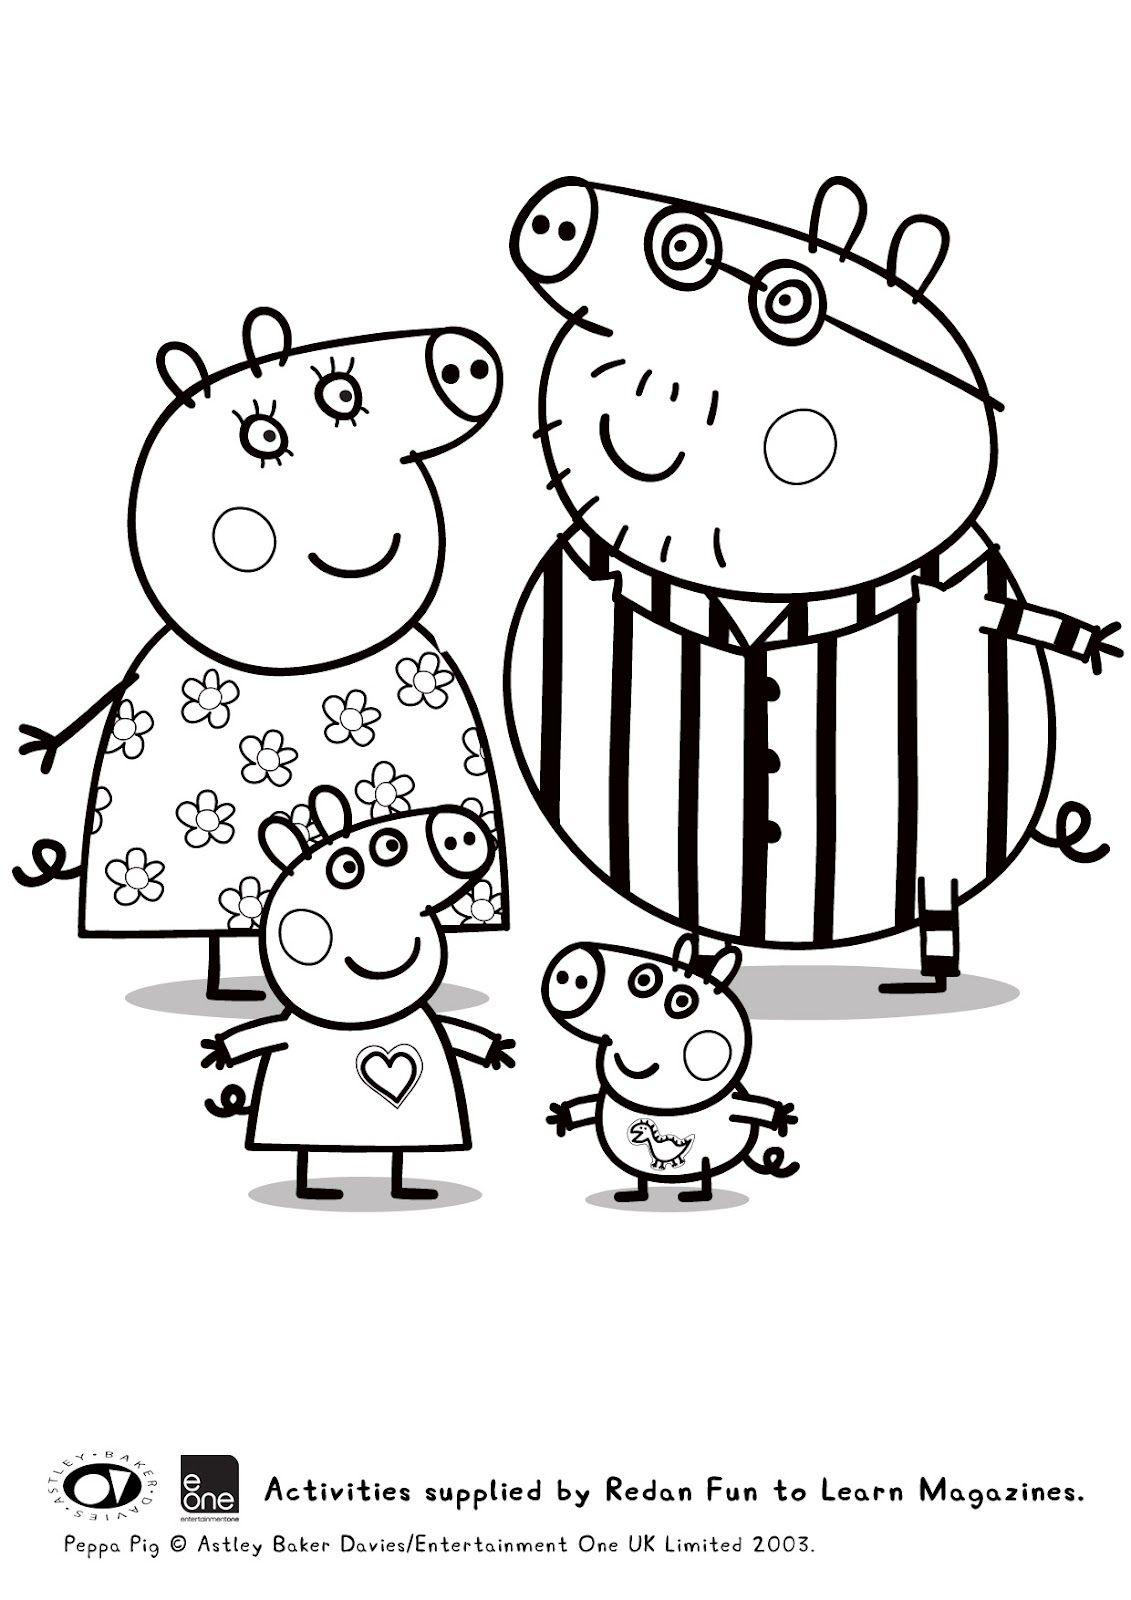 Disegni Da Colorare Di Peppa Pig Da Stampare.Schede Didattiche Per La Scuola Primaria Giochi Disegni Da